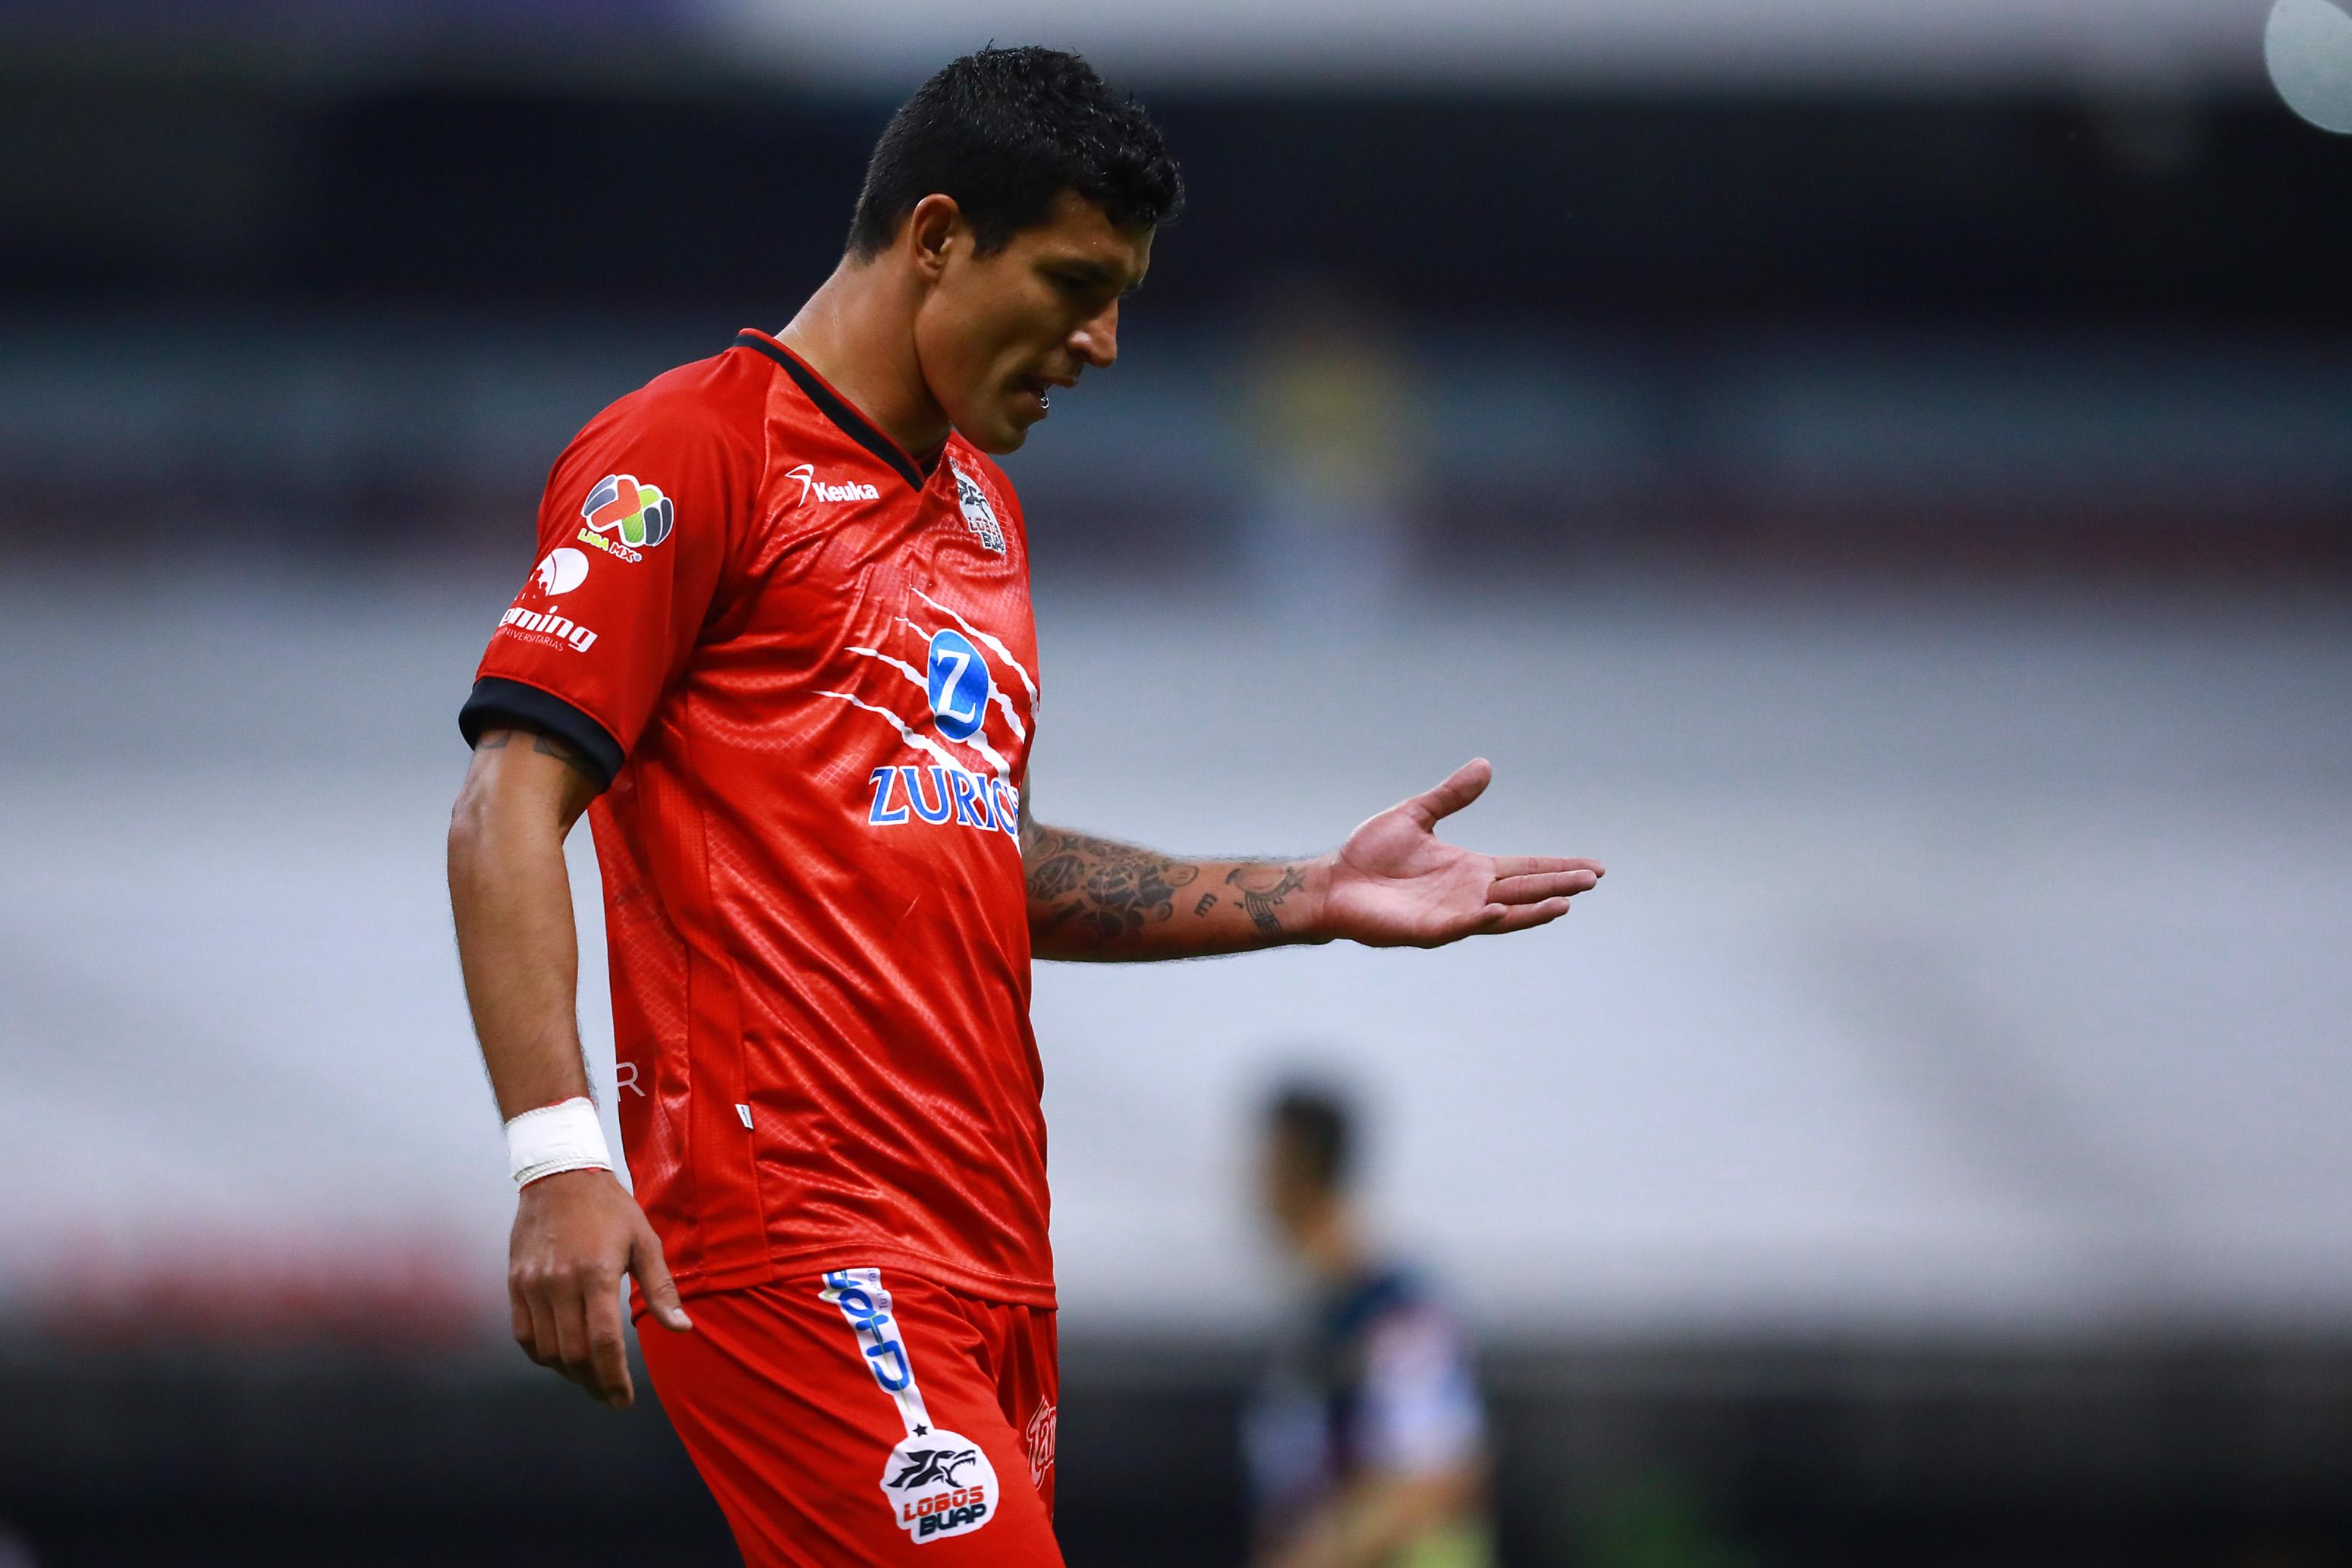 Maza Rodríguez Futbolista Roban Autos Los Pleyers